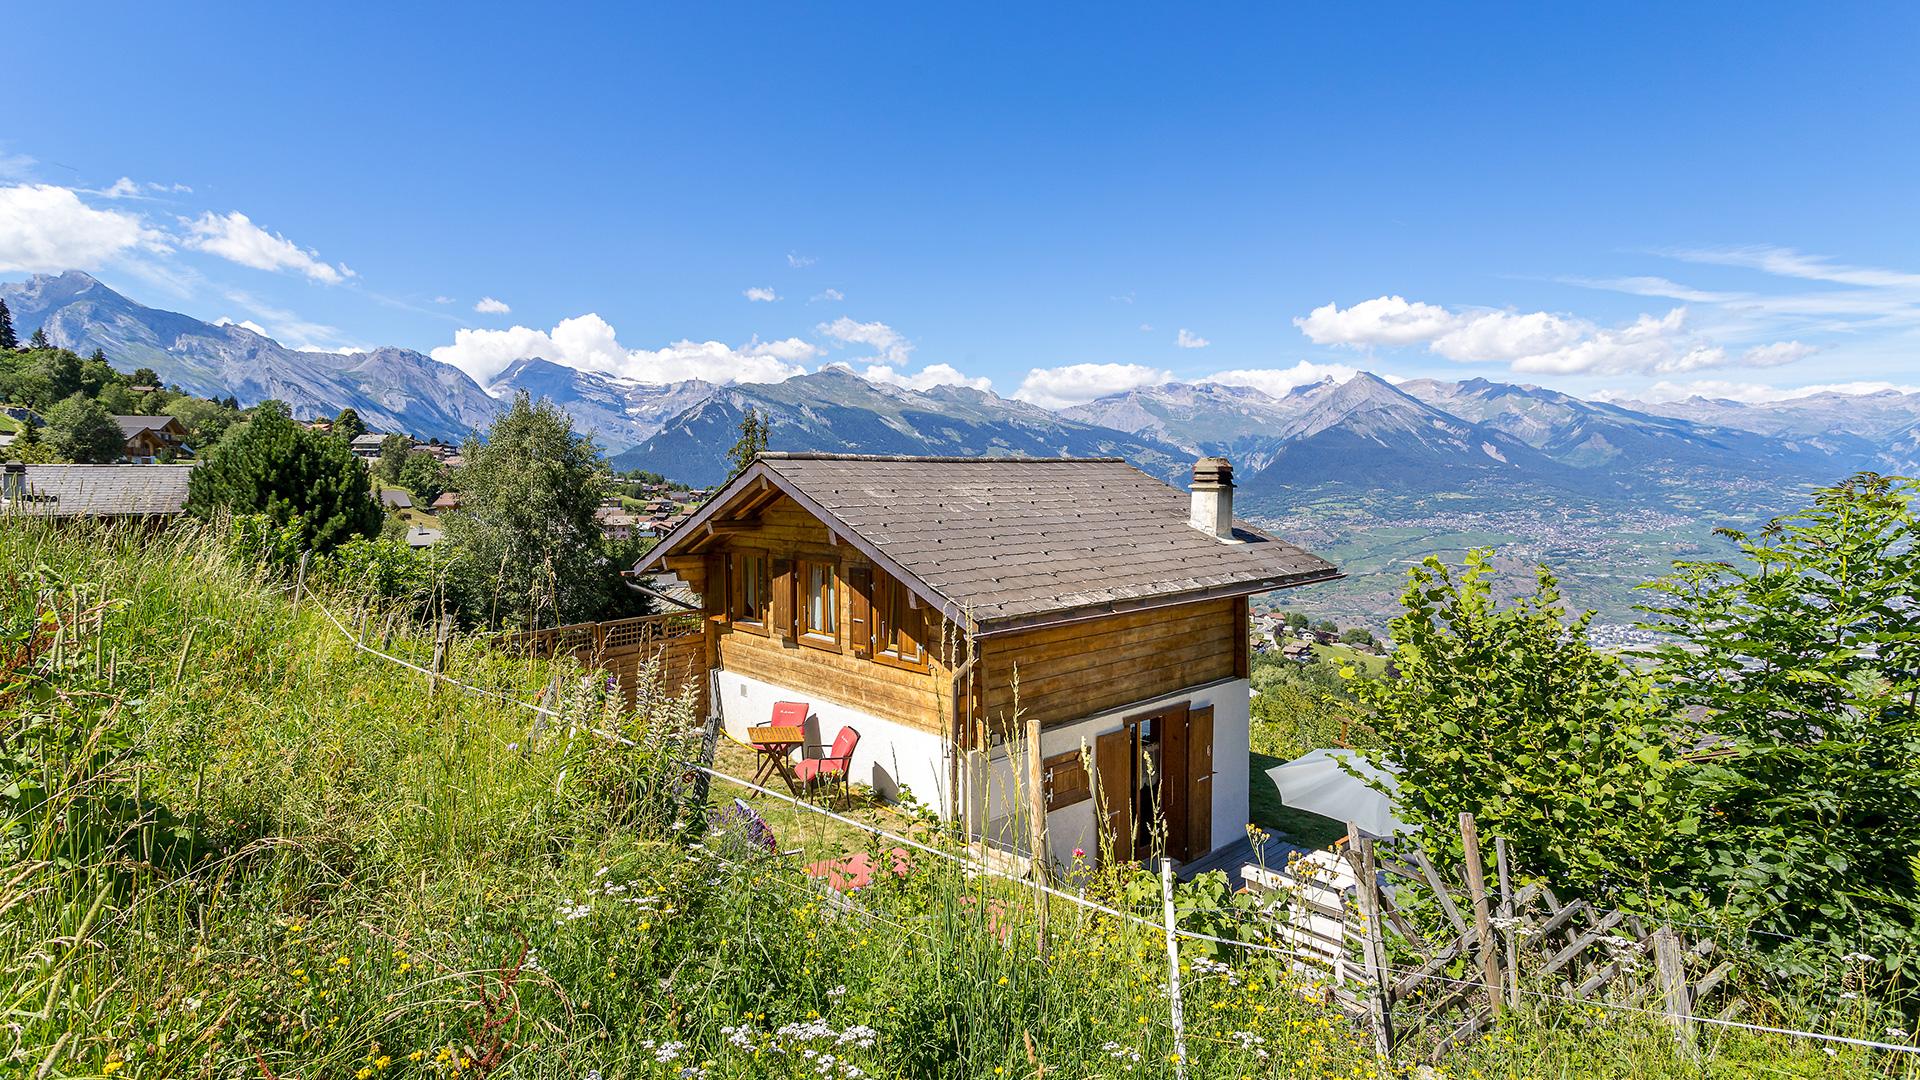 Chalet Cartes Chalet, Switzerland